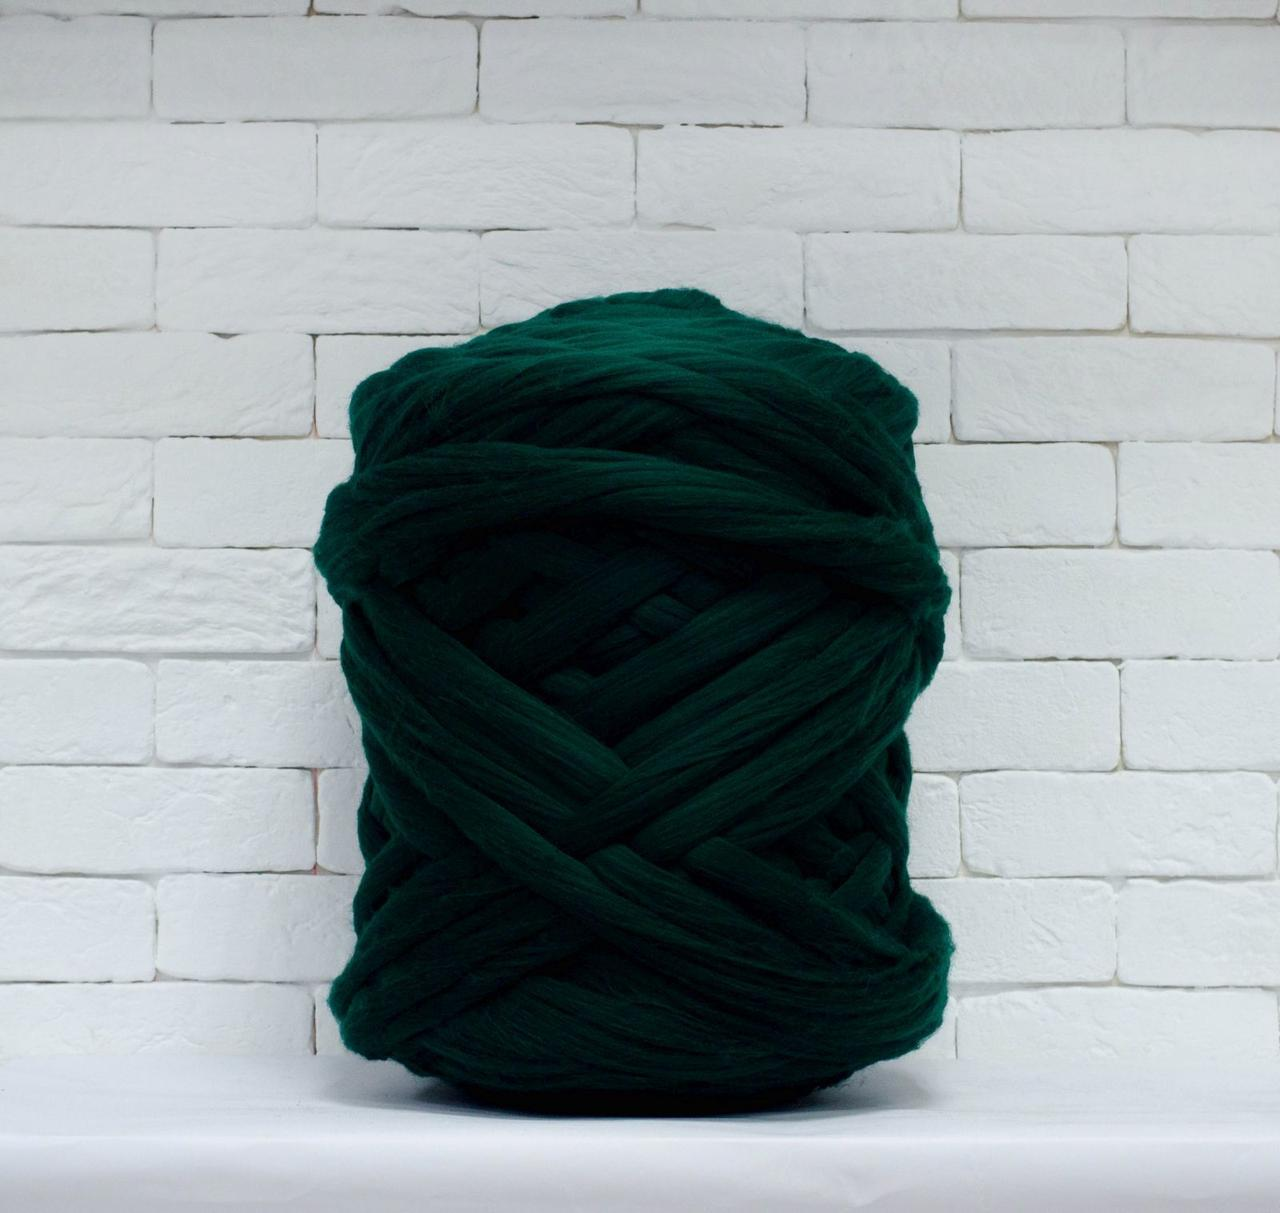 Толстая, крупная пряжа 100% шерсть мериноса 1кг (40м). Цвет: Темно-зеленый. 21-23 мкрн. Топс. Лента для пледов